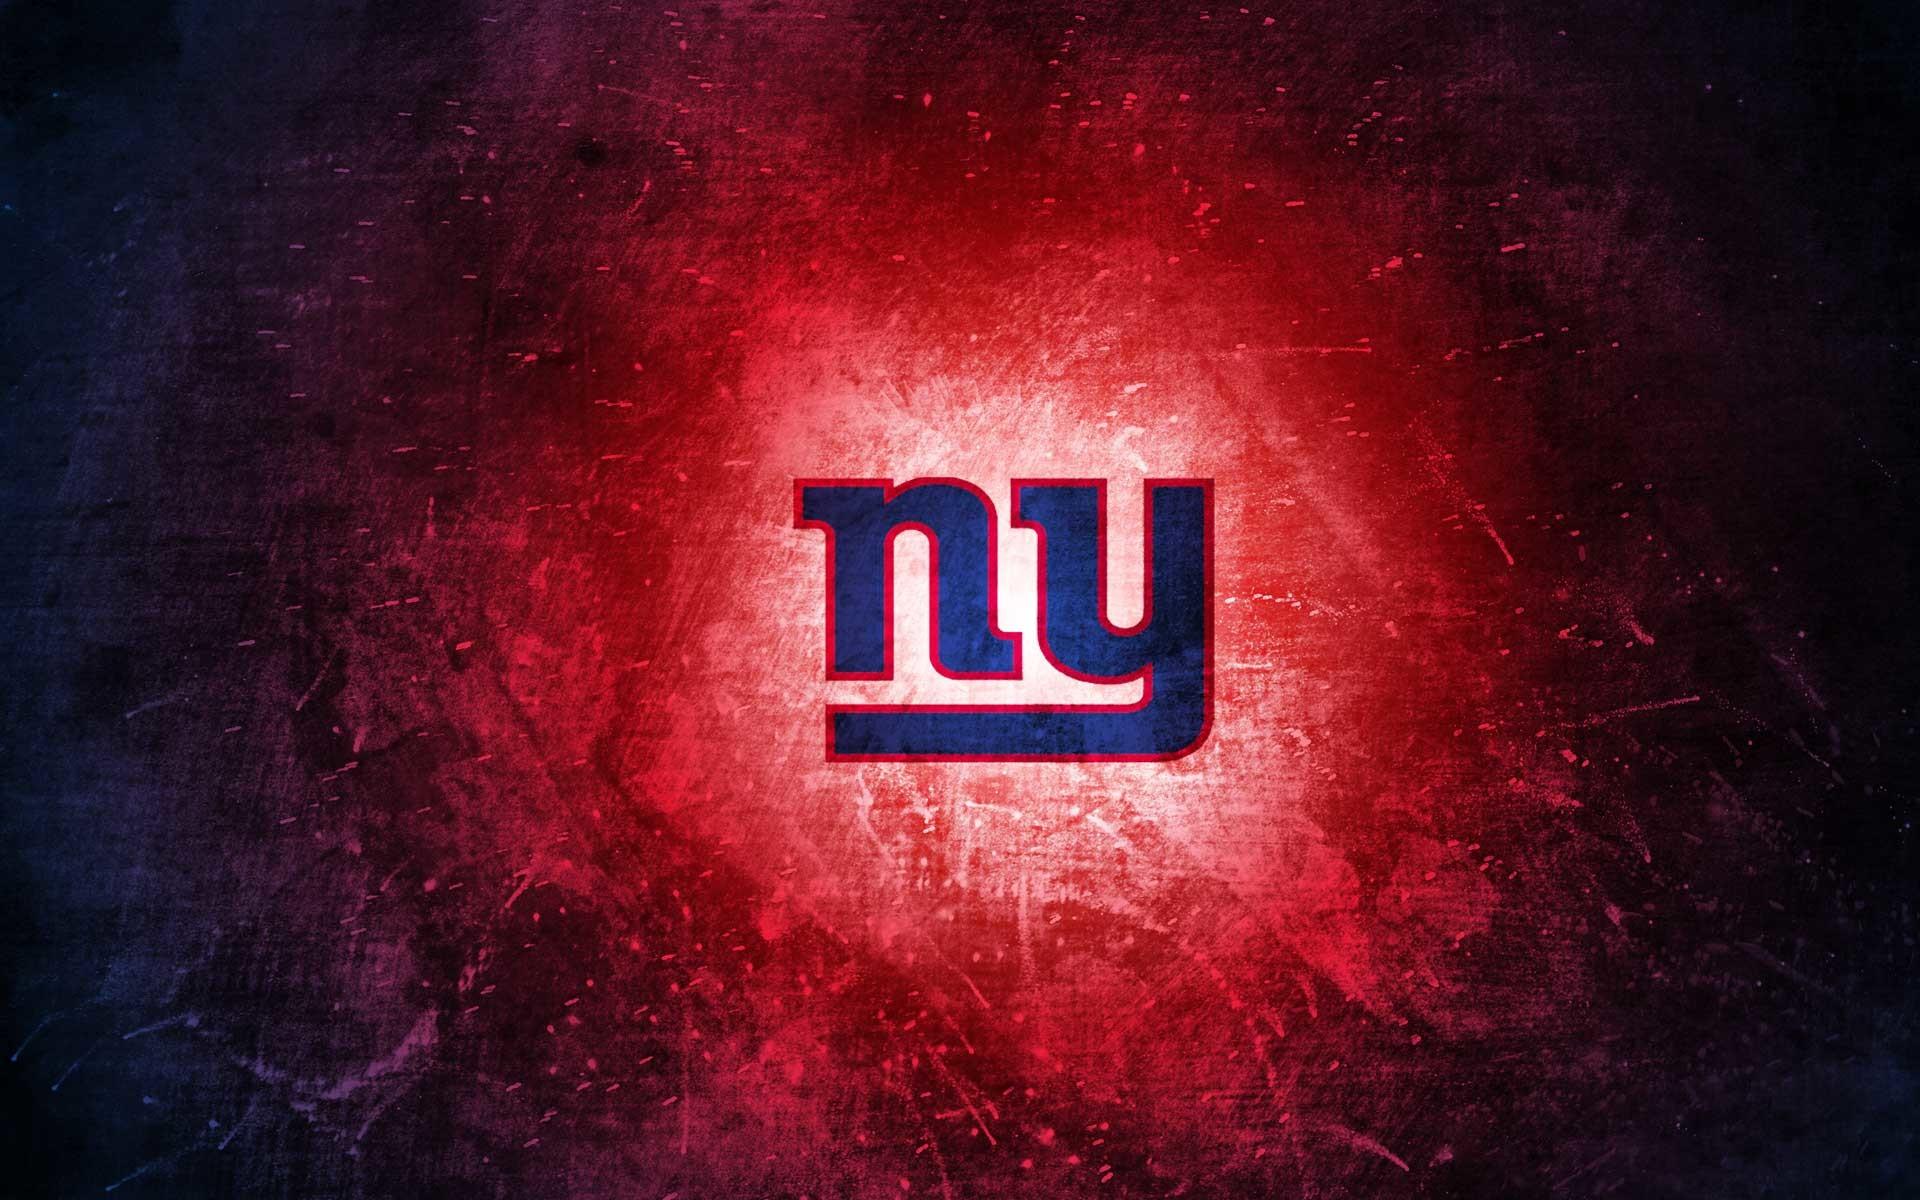 New York Giants wallpaper | New York Giants .